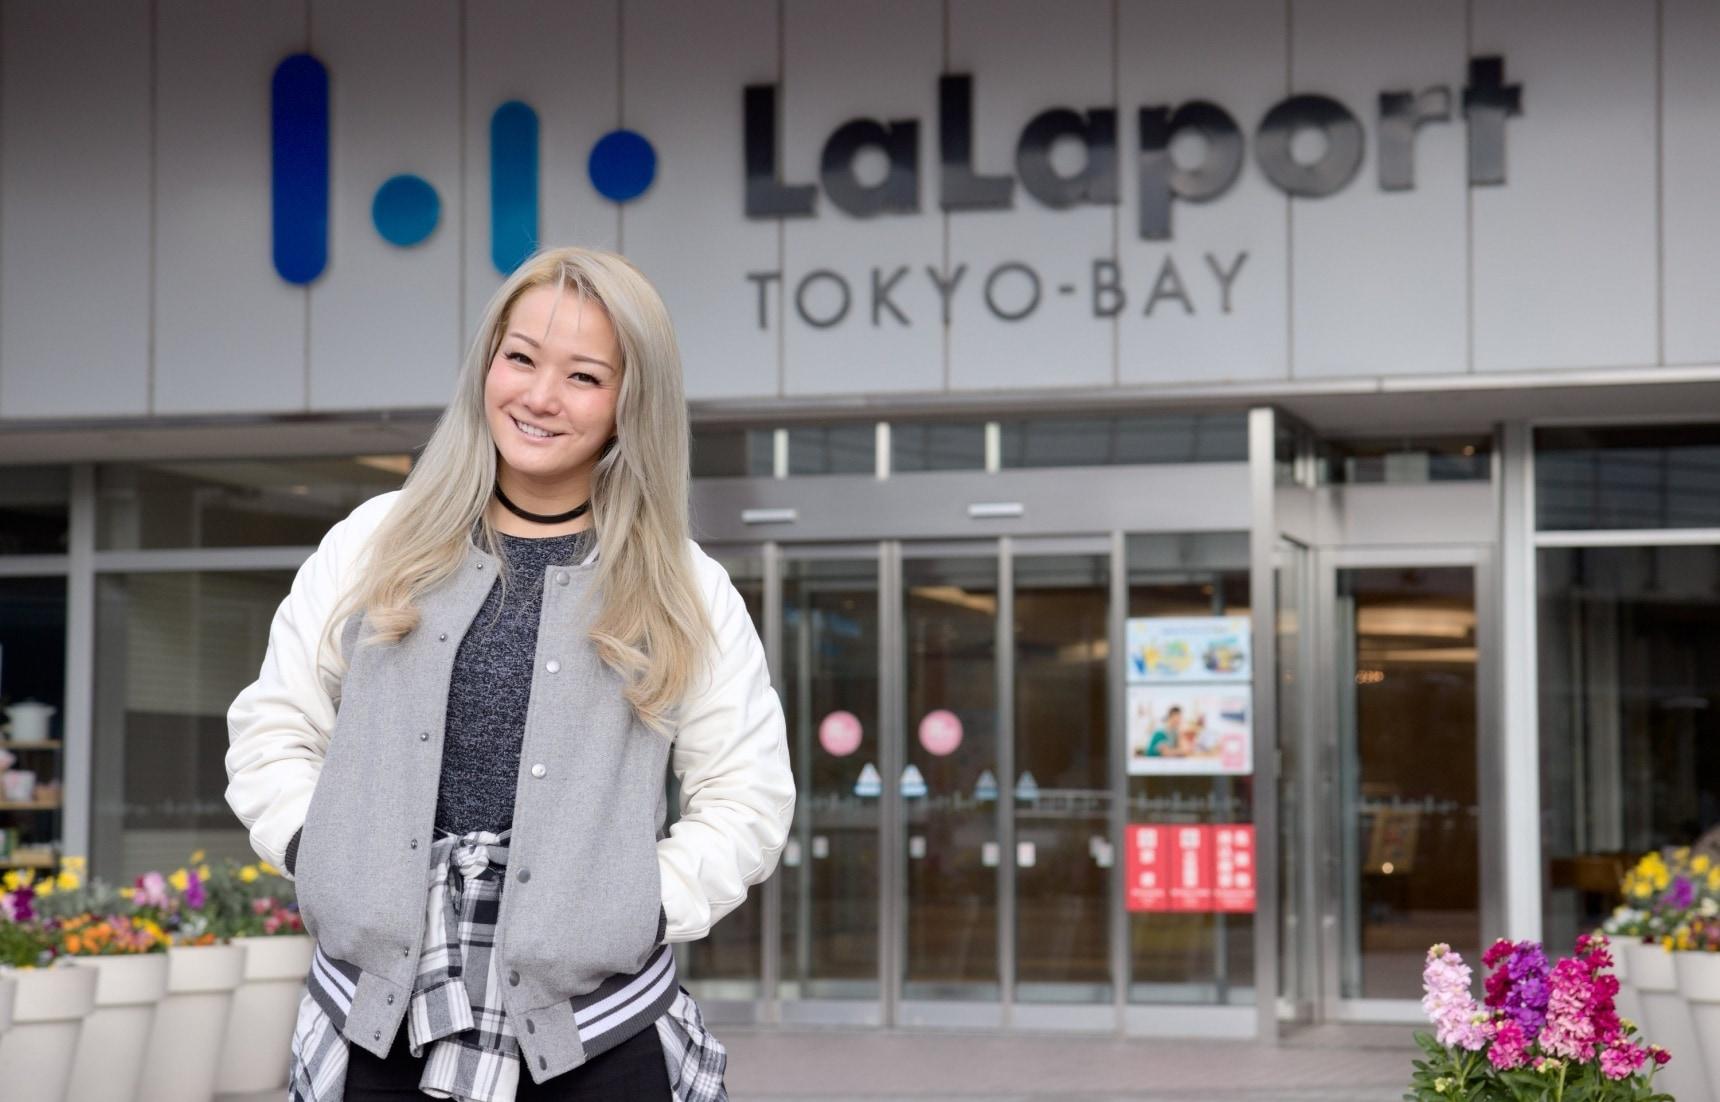 跟上衝浪皮卡丘風潮!到LaLaport TOKYO-BAY來趟完美的購物體驗